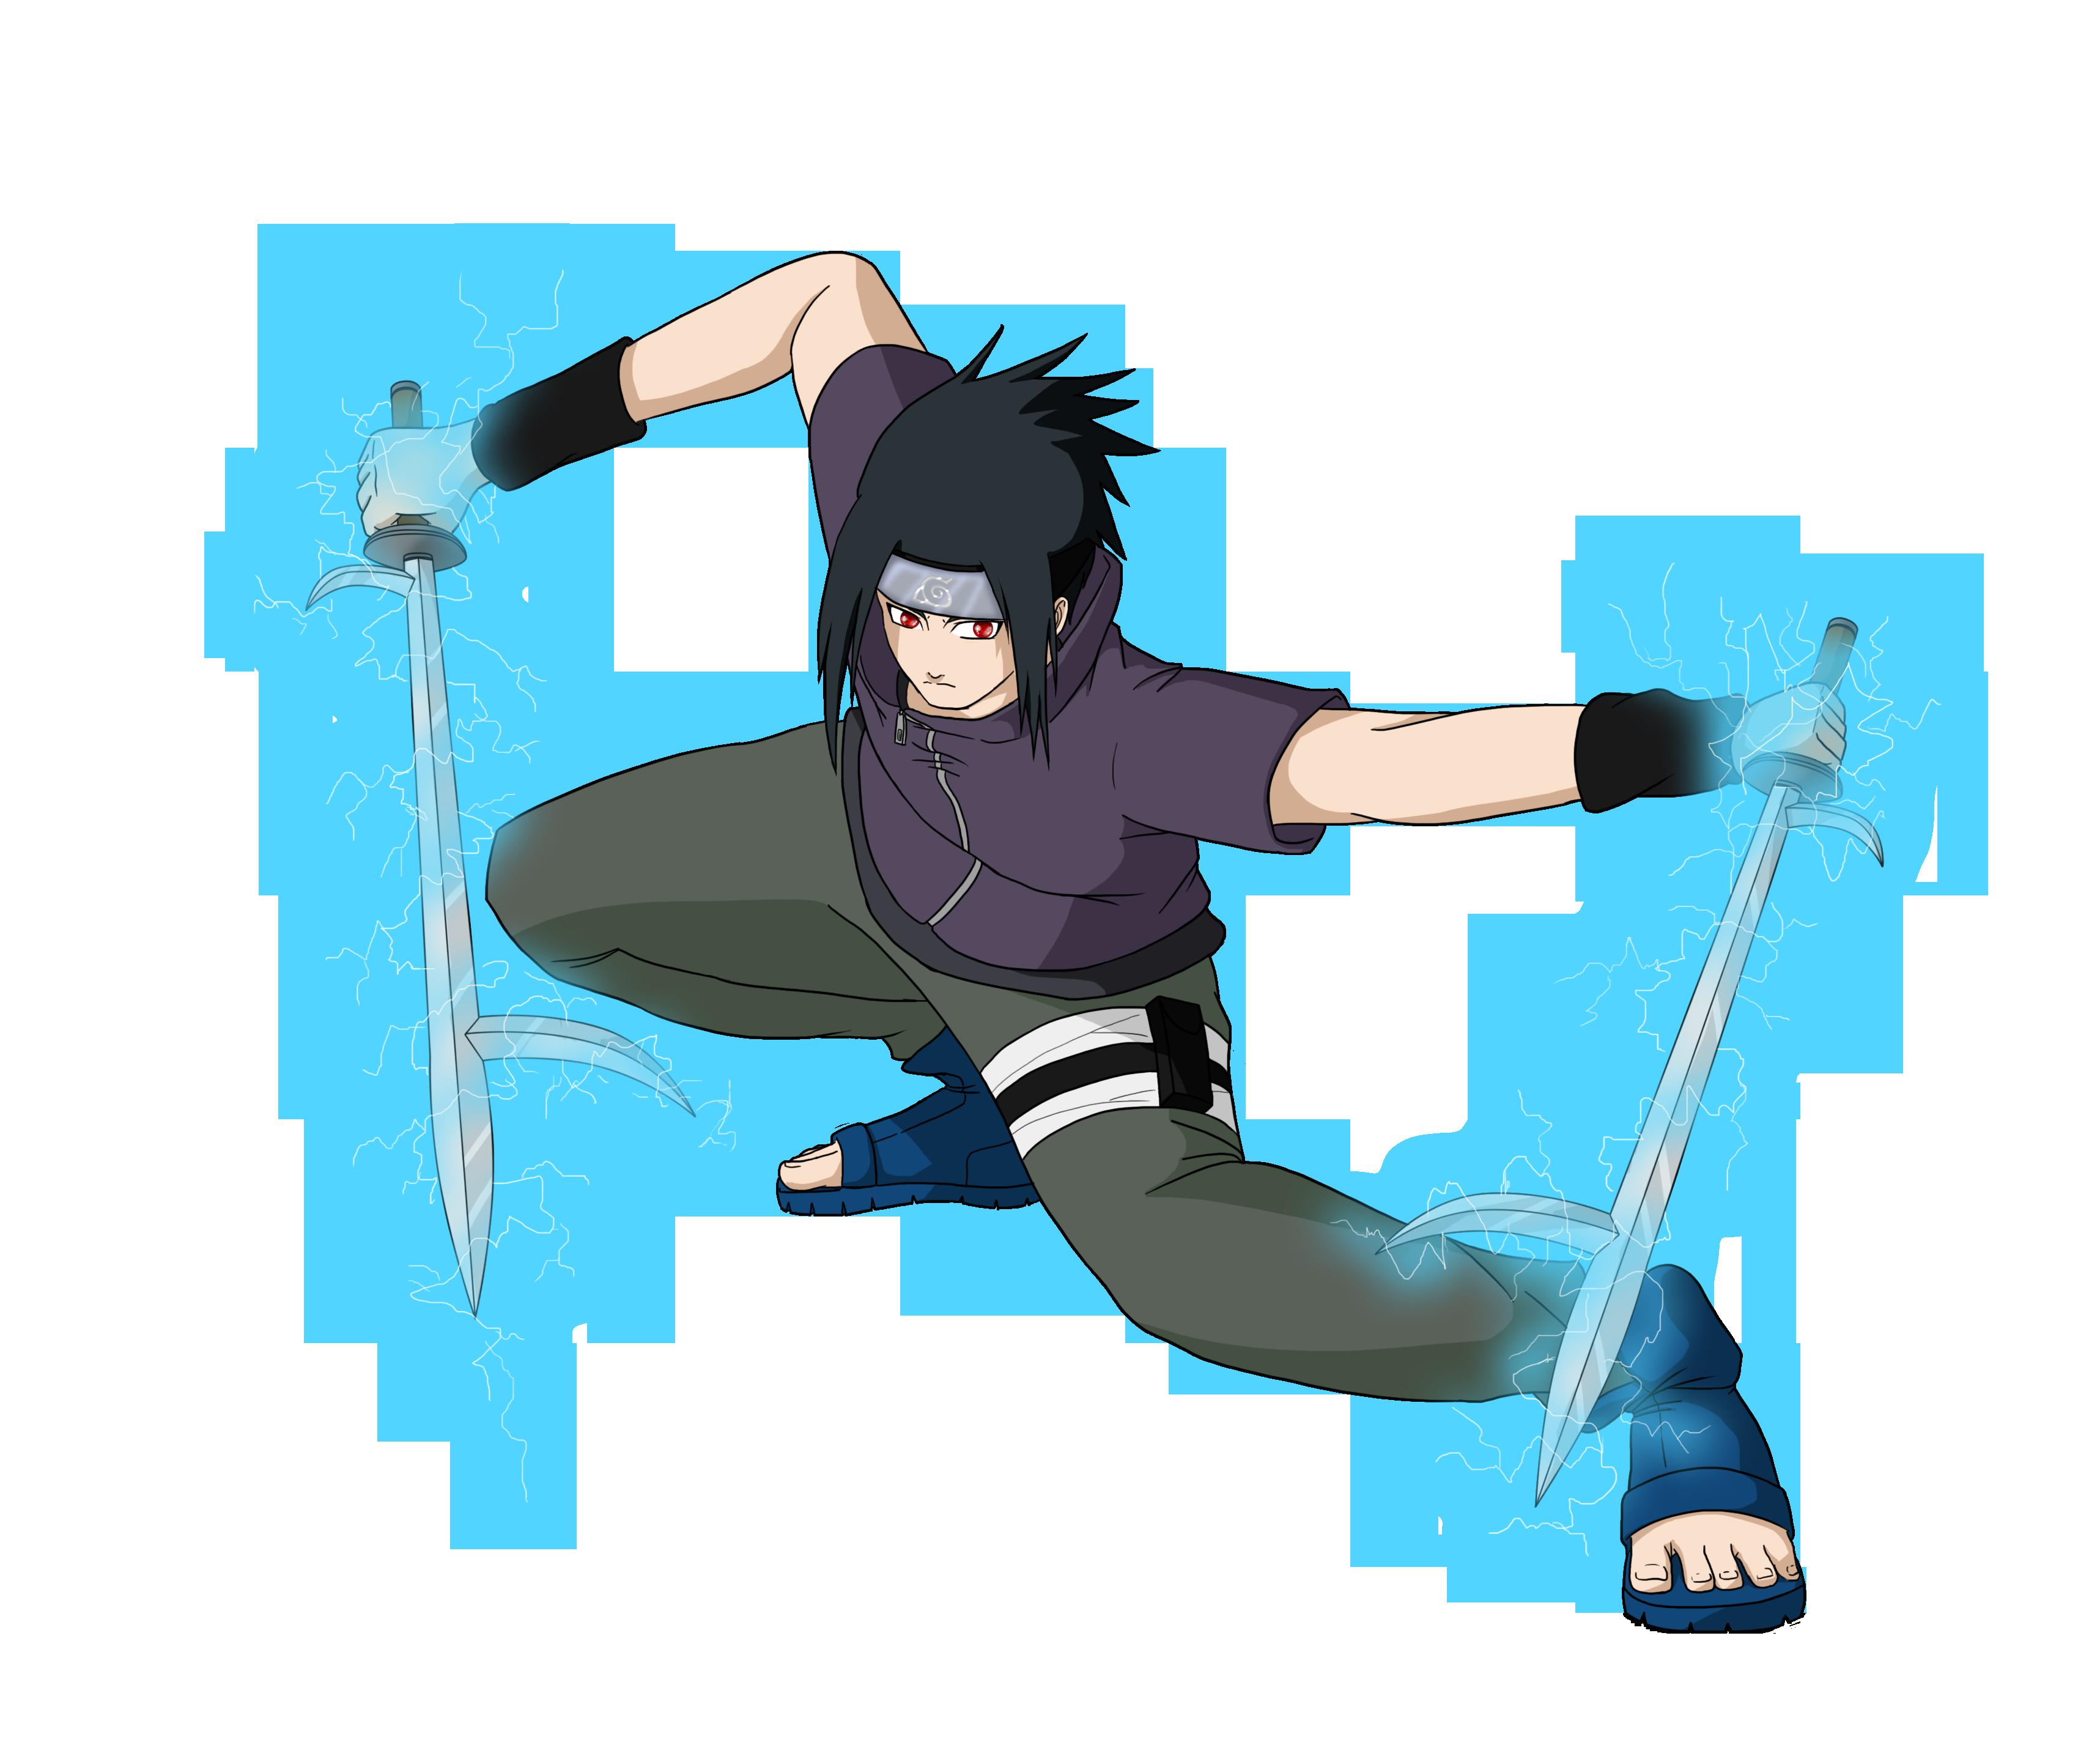 Sasuke Jutsu: Chidori Katana - Kiba by mattwilson83 on ... - Naruto Sasuke Chidori